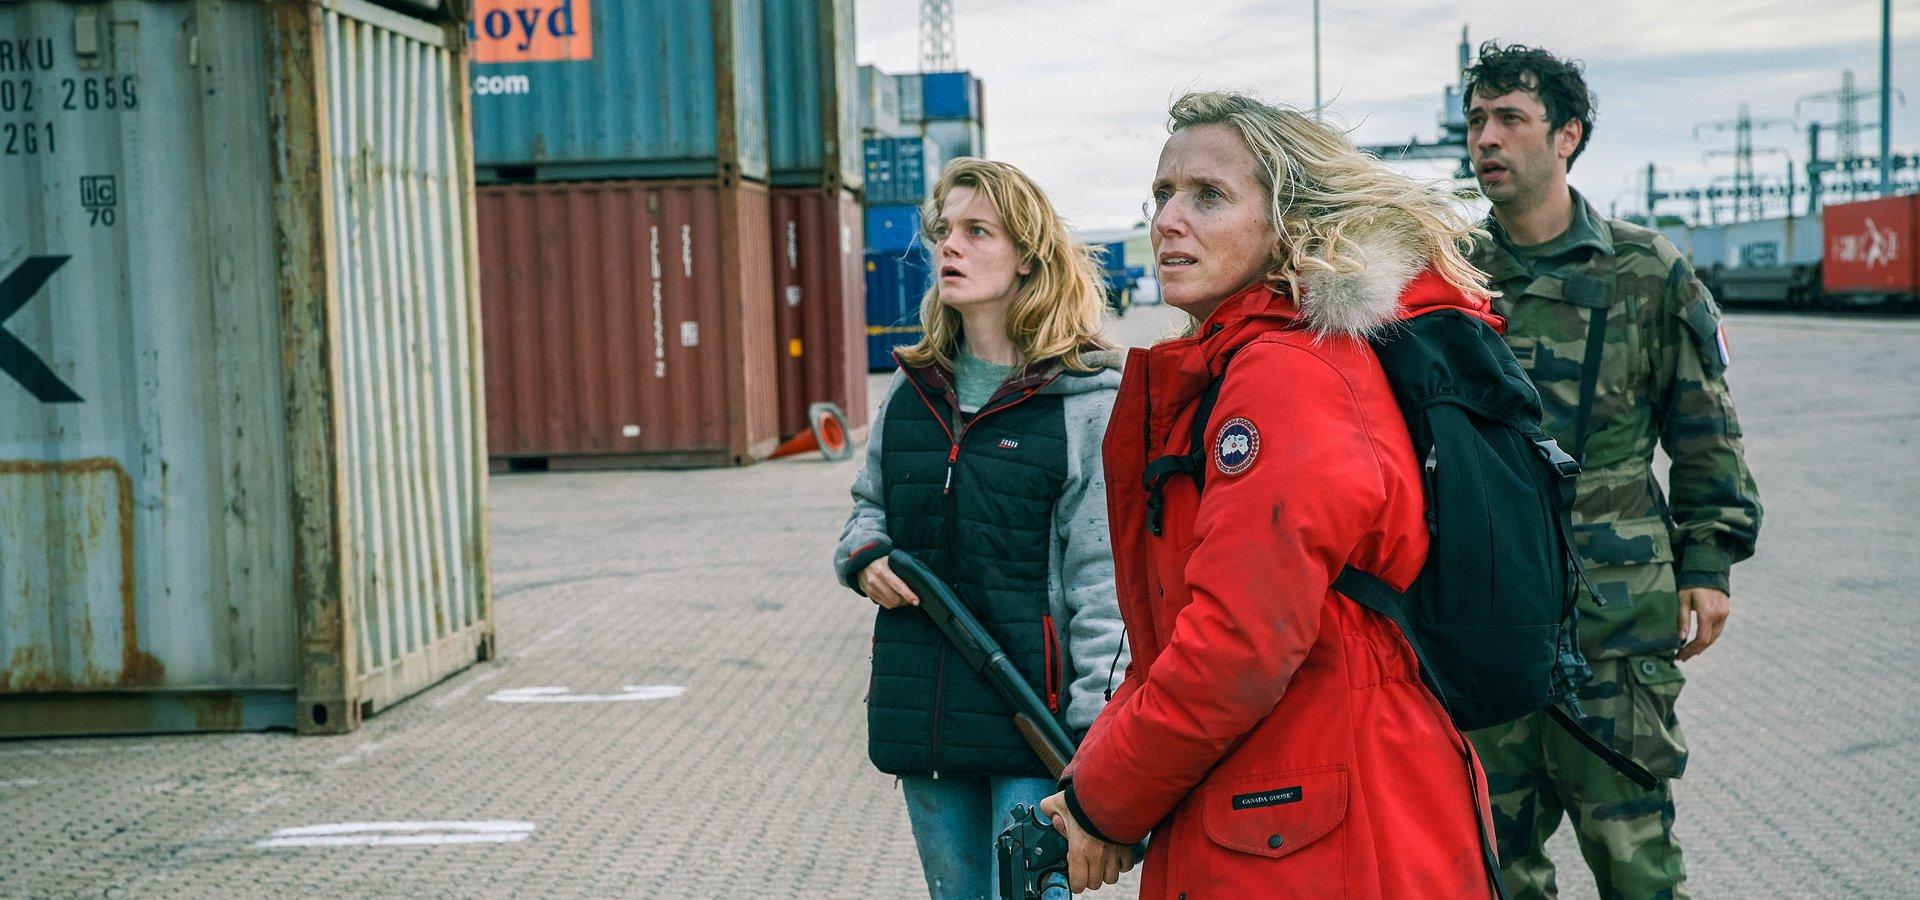 Polski zwiastun drugiego sezonu Wojny światów w FOX zapowiada nadchodzącą premierę